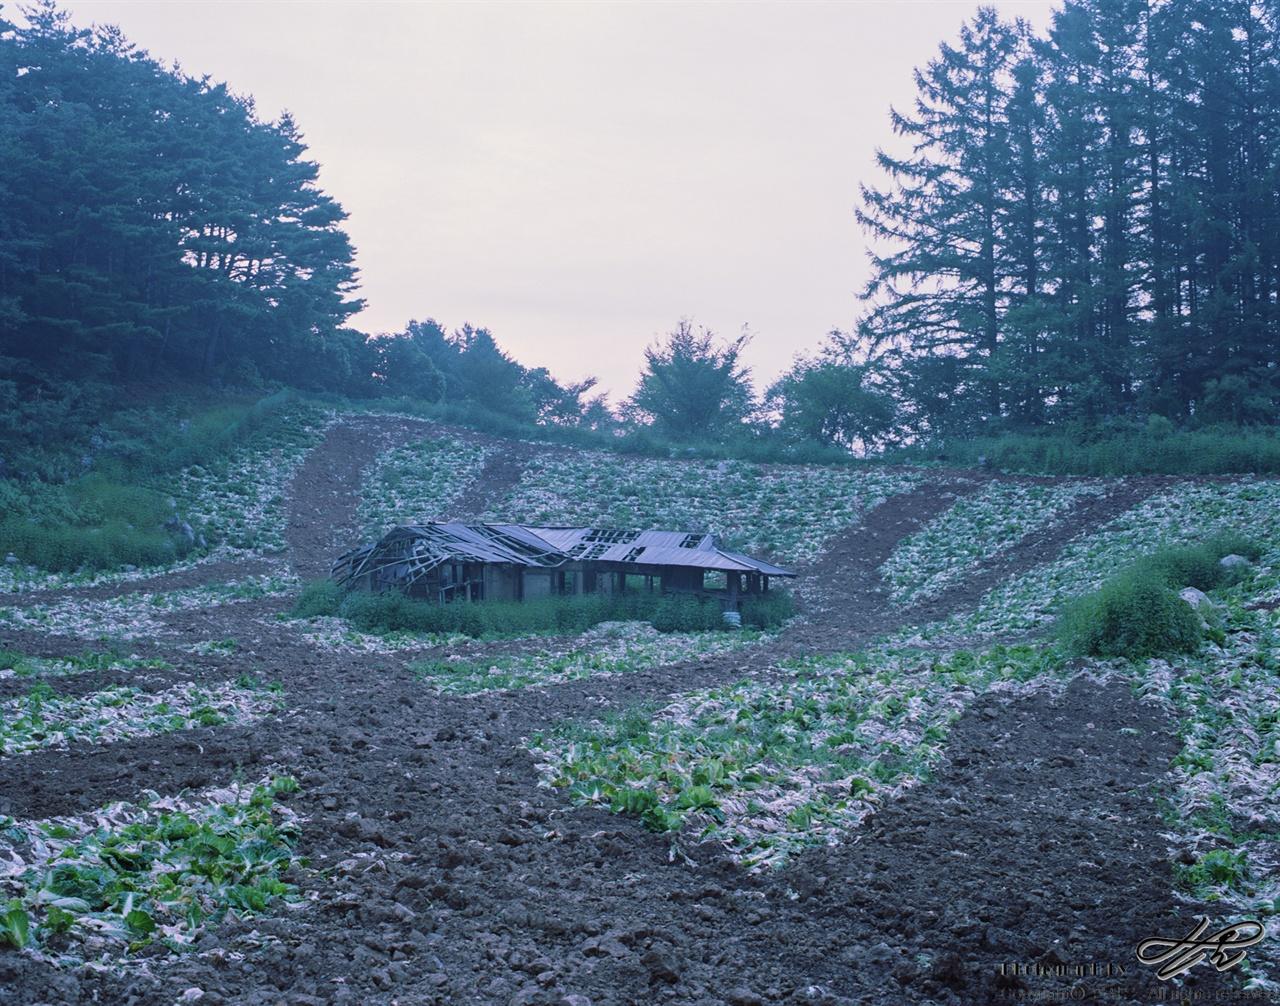 새벽, 발구덕마을의 밭 (67ii/Pro160NS)수확물을 잠시 두는 곳을 이용했음직한 구조물이, 경사진 밭 한 가운데에 위치해있다.